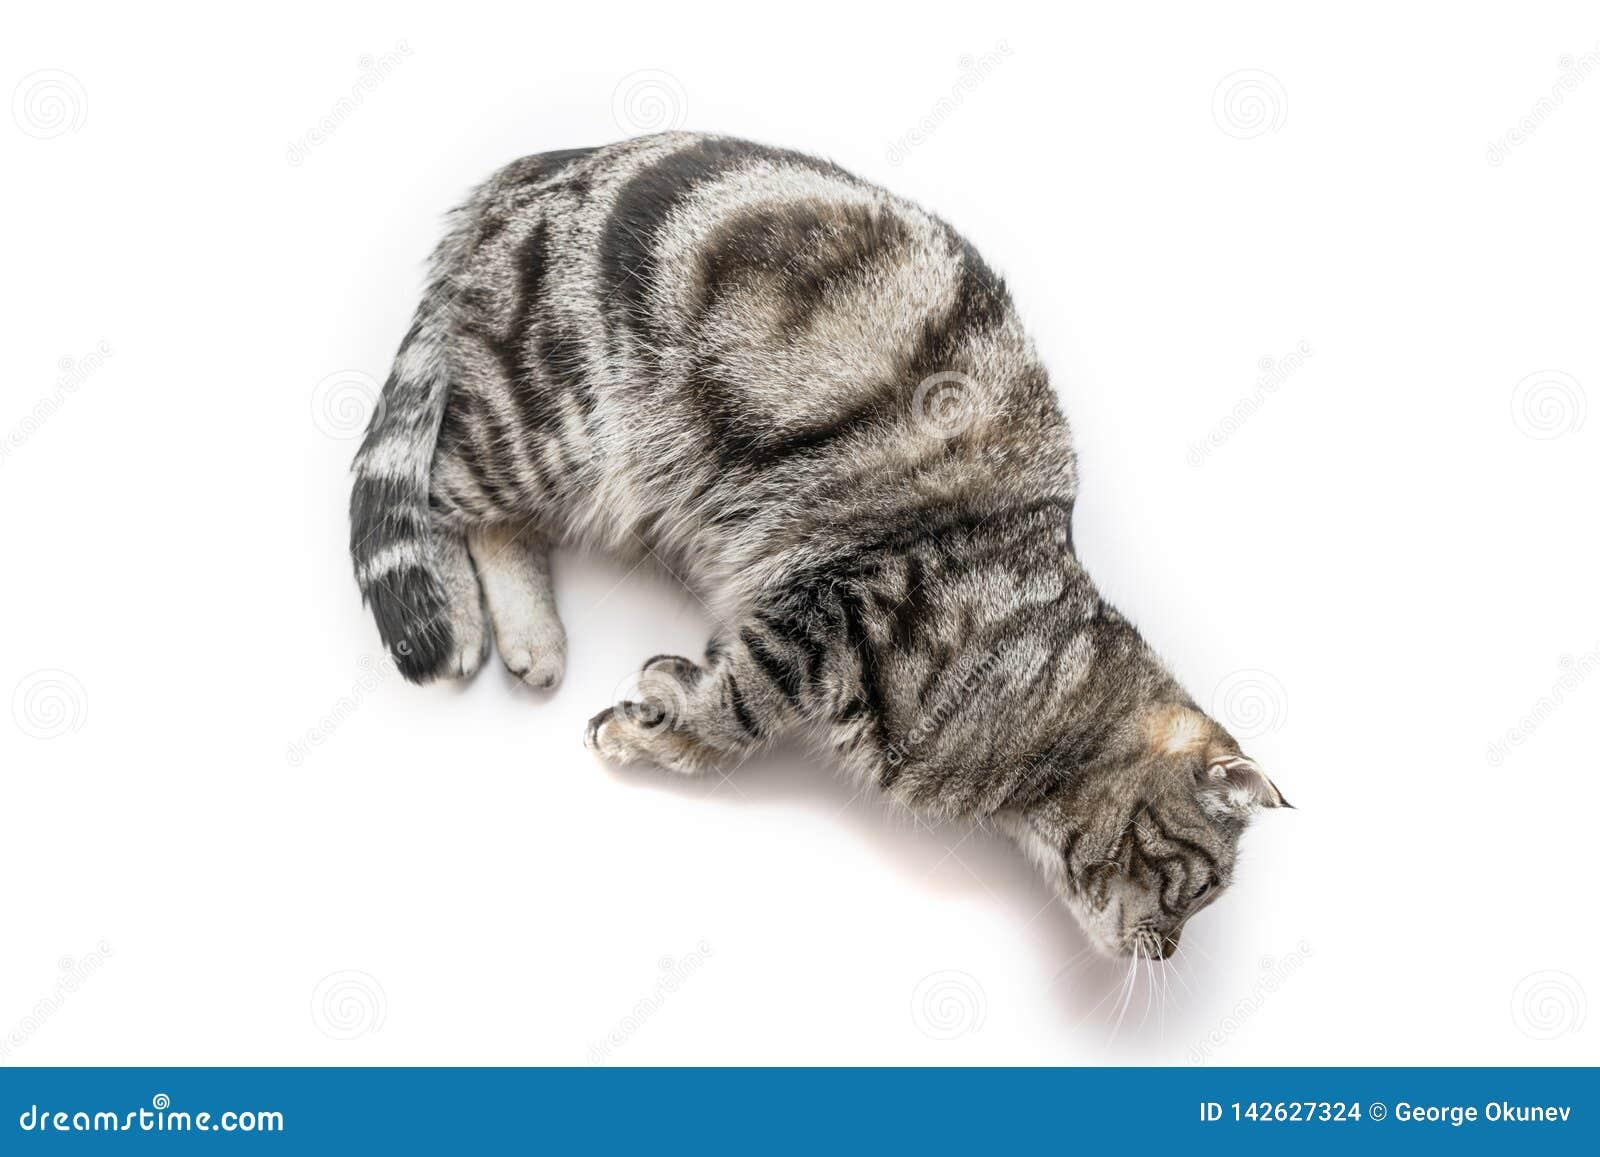 英俊的黑银色提出垂悬在边缘的平纹英国Shorthair猫隔绝在白色背景